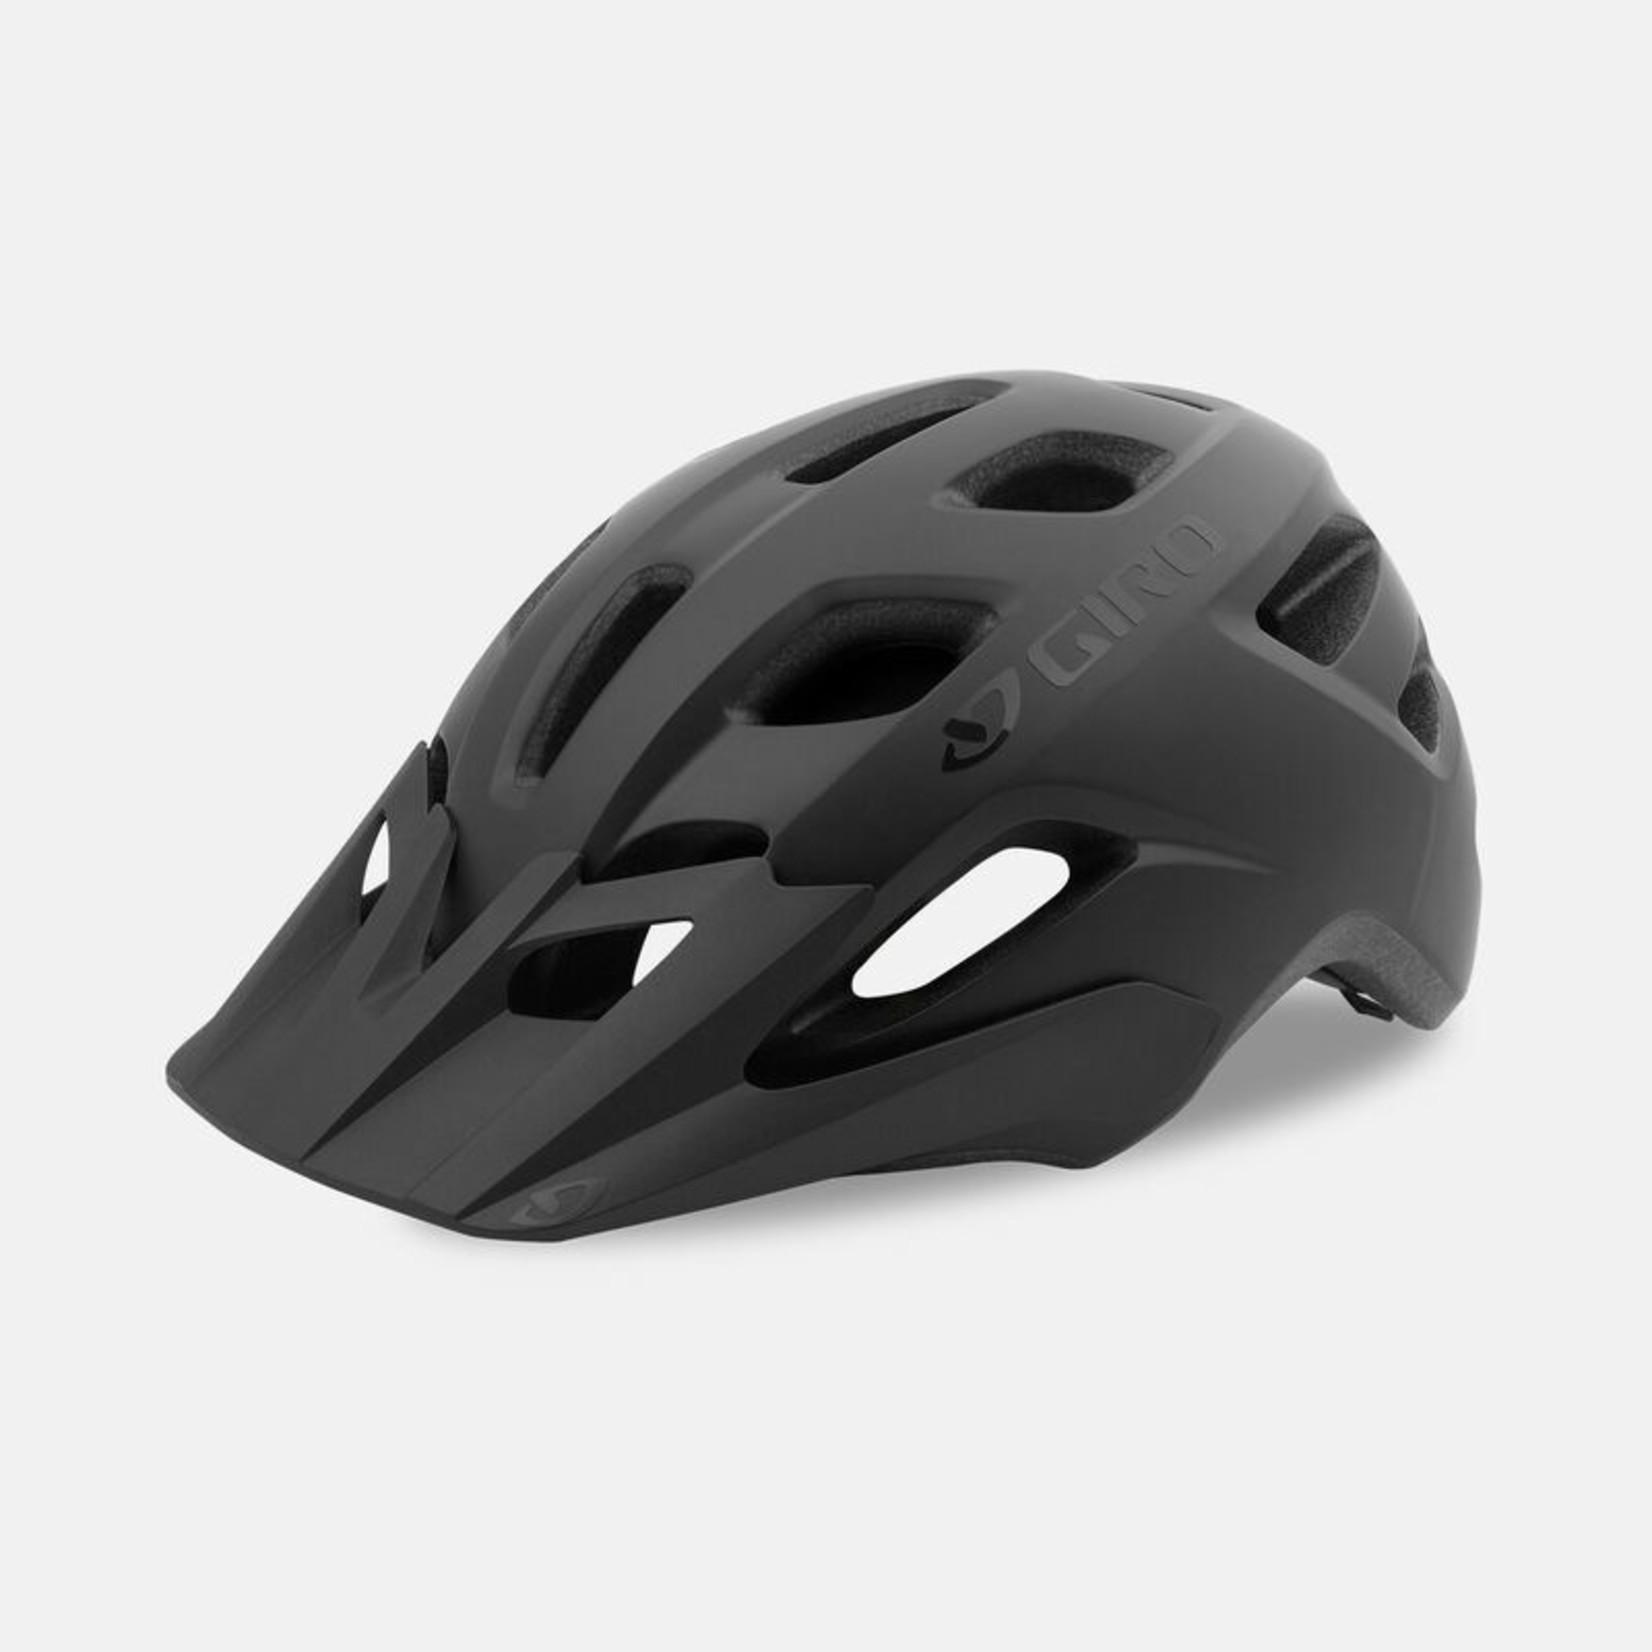 Giro Giro- Compound Mips-Fixture, Mat Grey, Extra Large